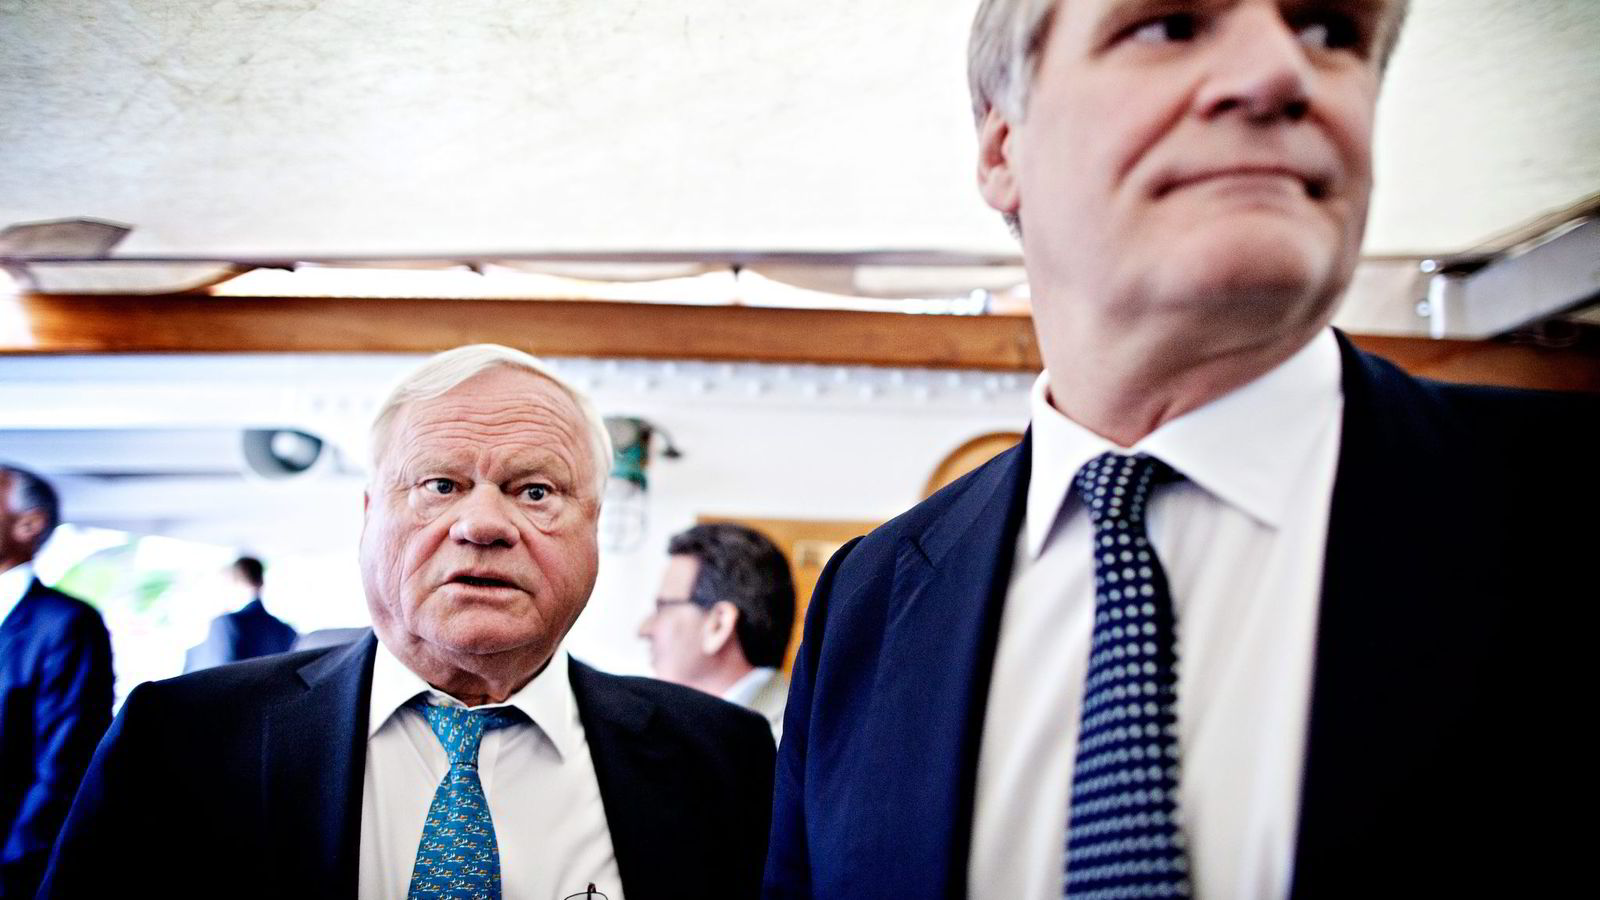 SLUTT. Tor Olav Trøim (til høyre) går fra alle styreverv i John Fredriksens selskaper. Foto: Ida von Hanno Bast